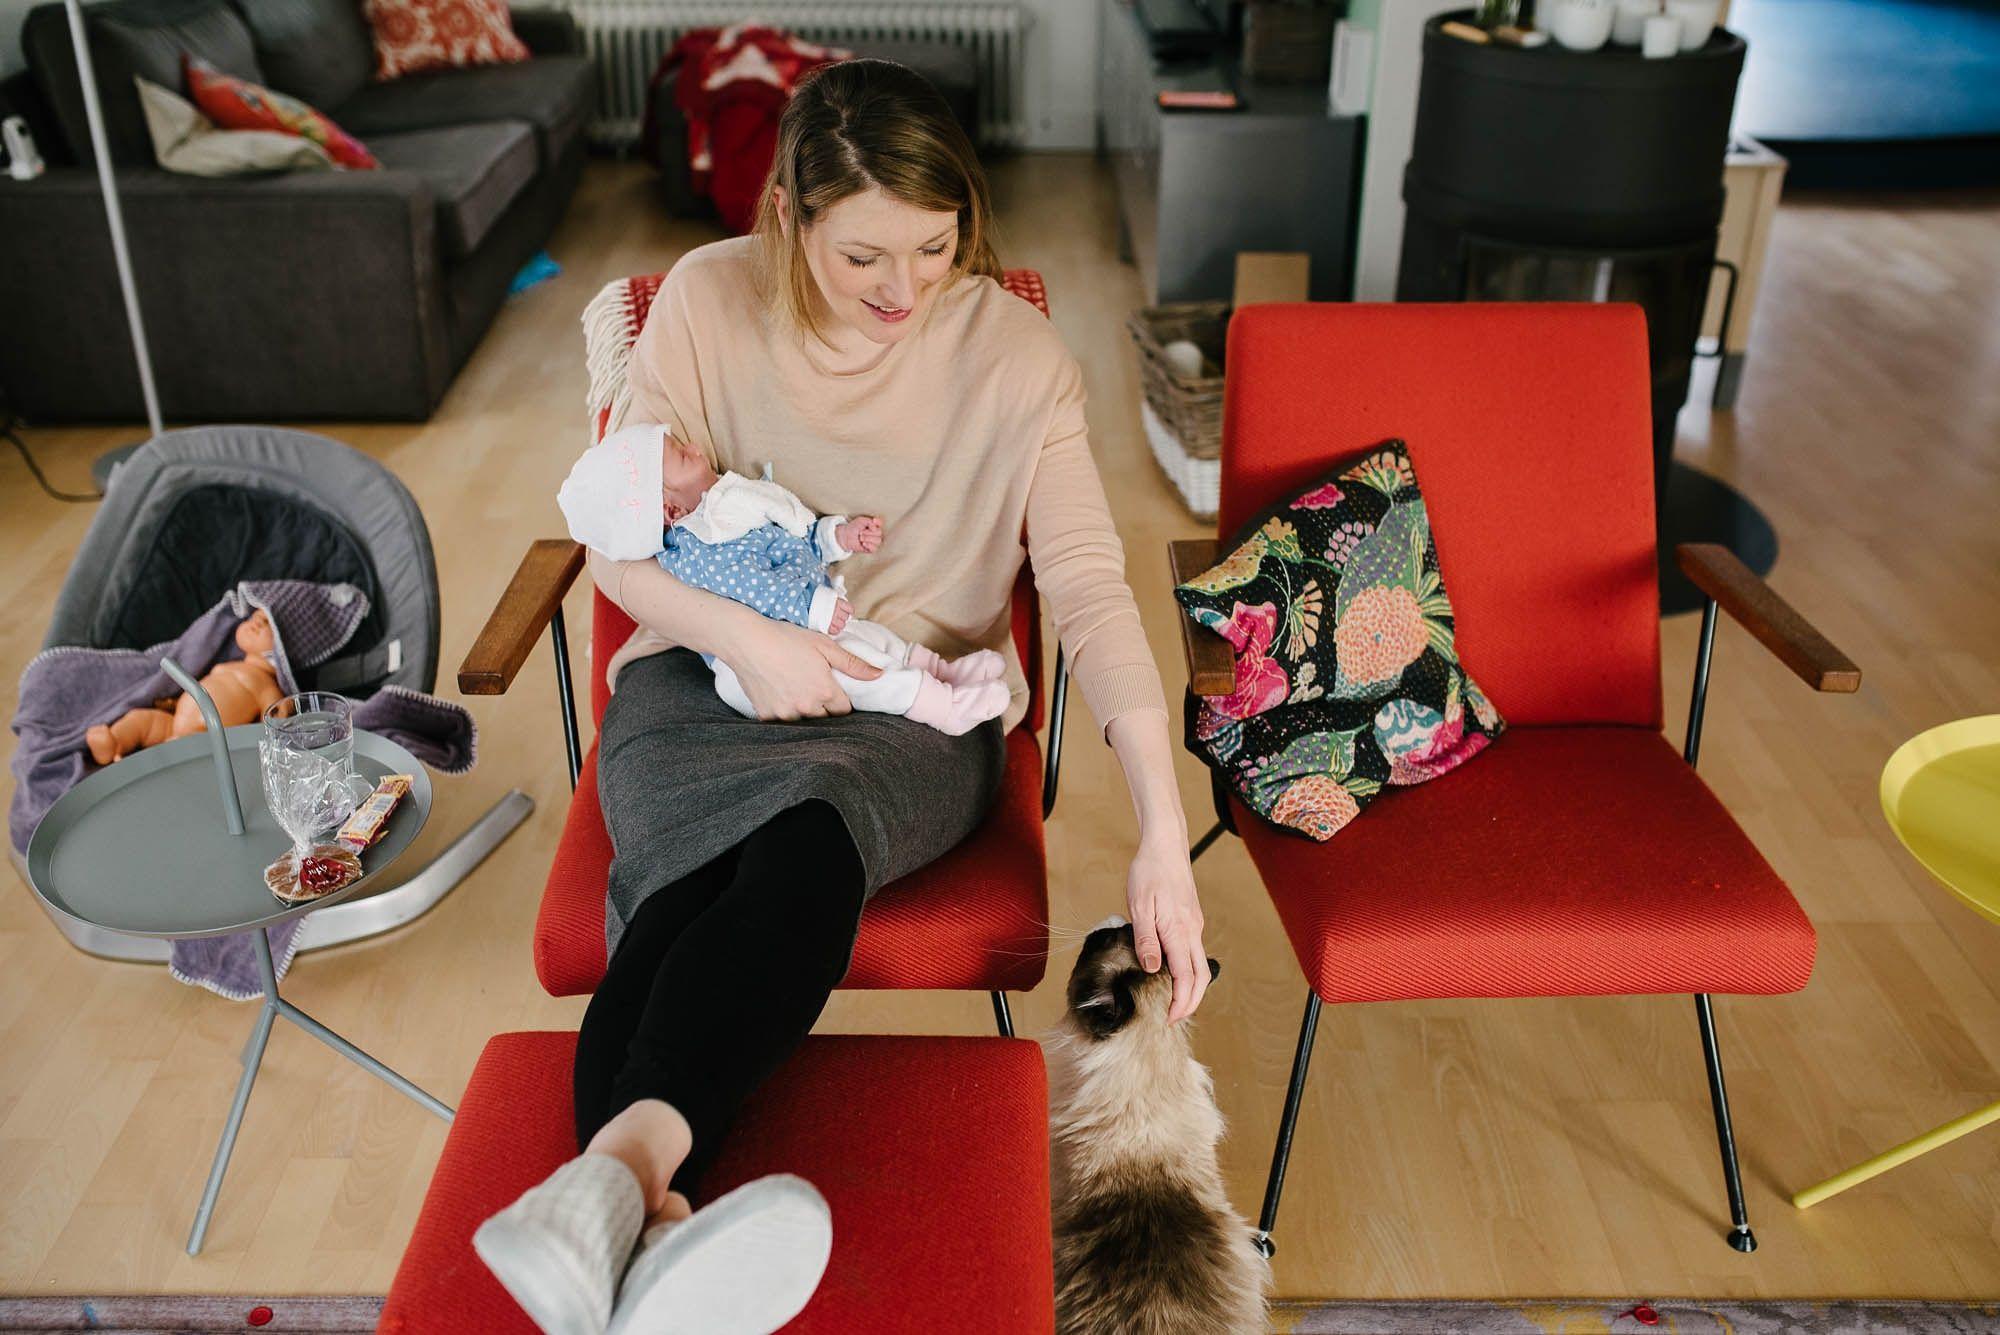 Newborn fotografie ongeposeerd tweeling newbornfotograaf Eindhoven 001.jpg